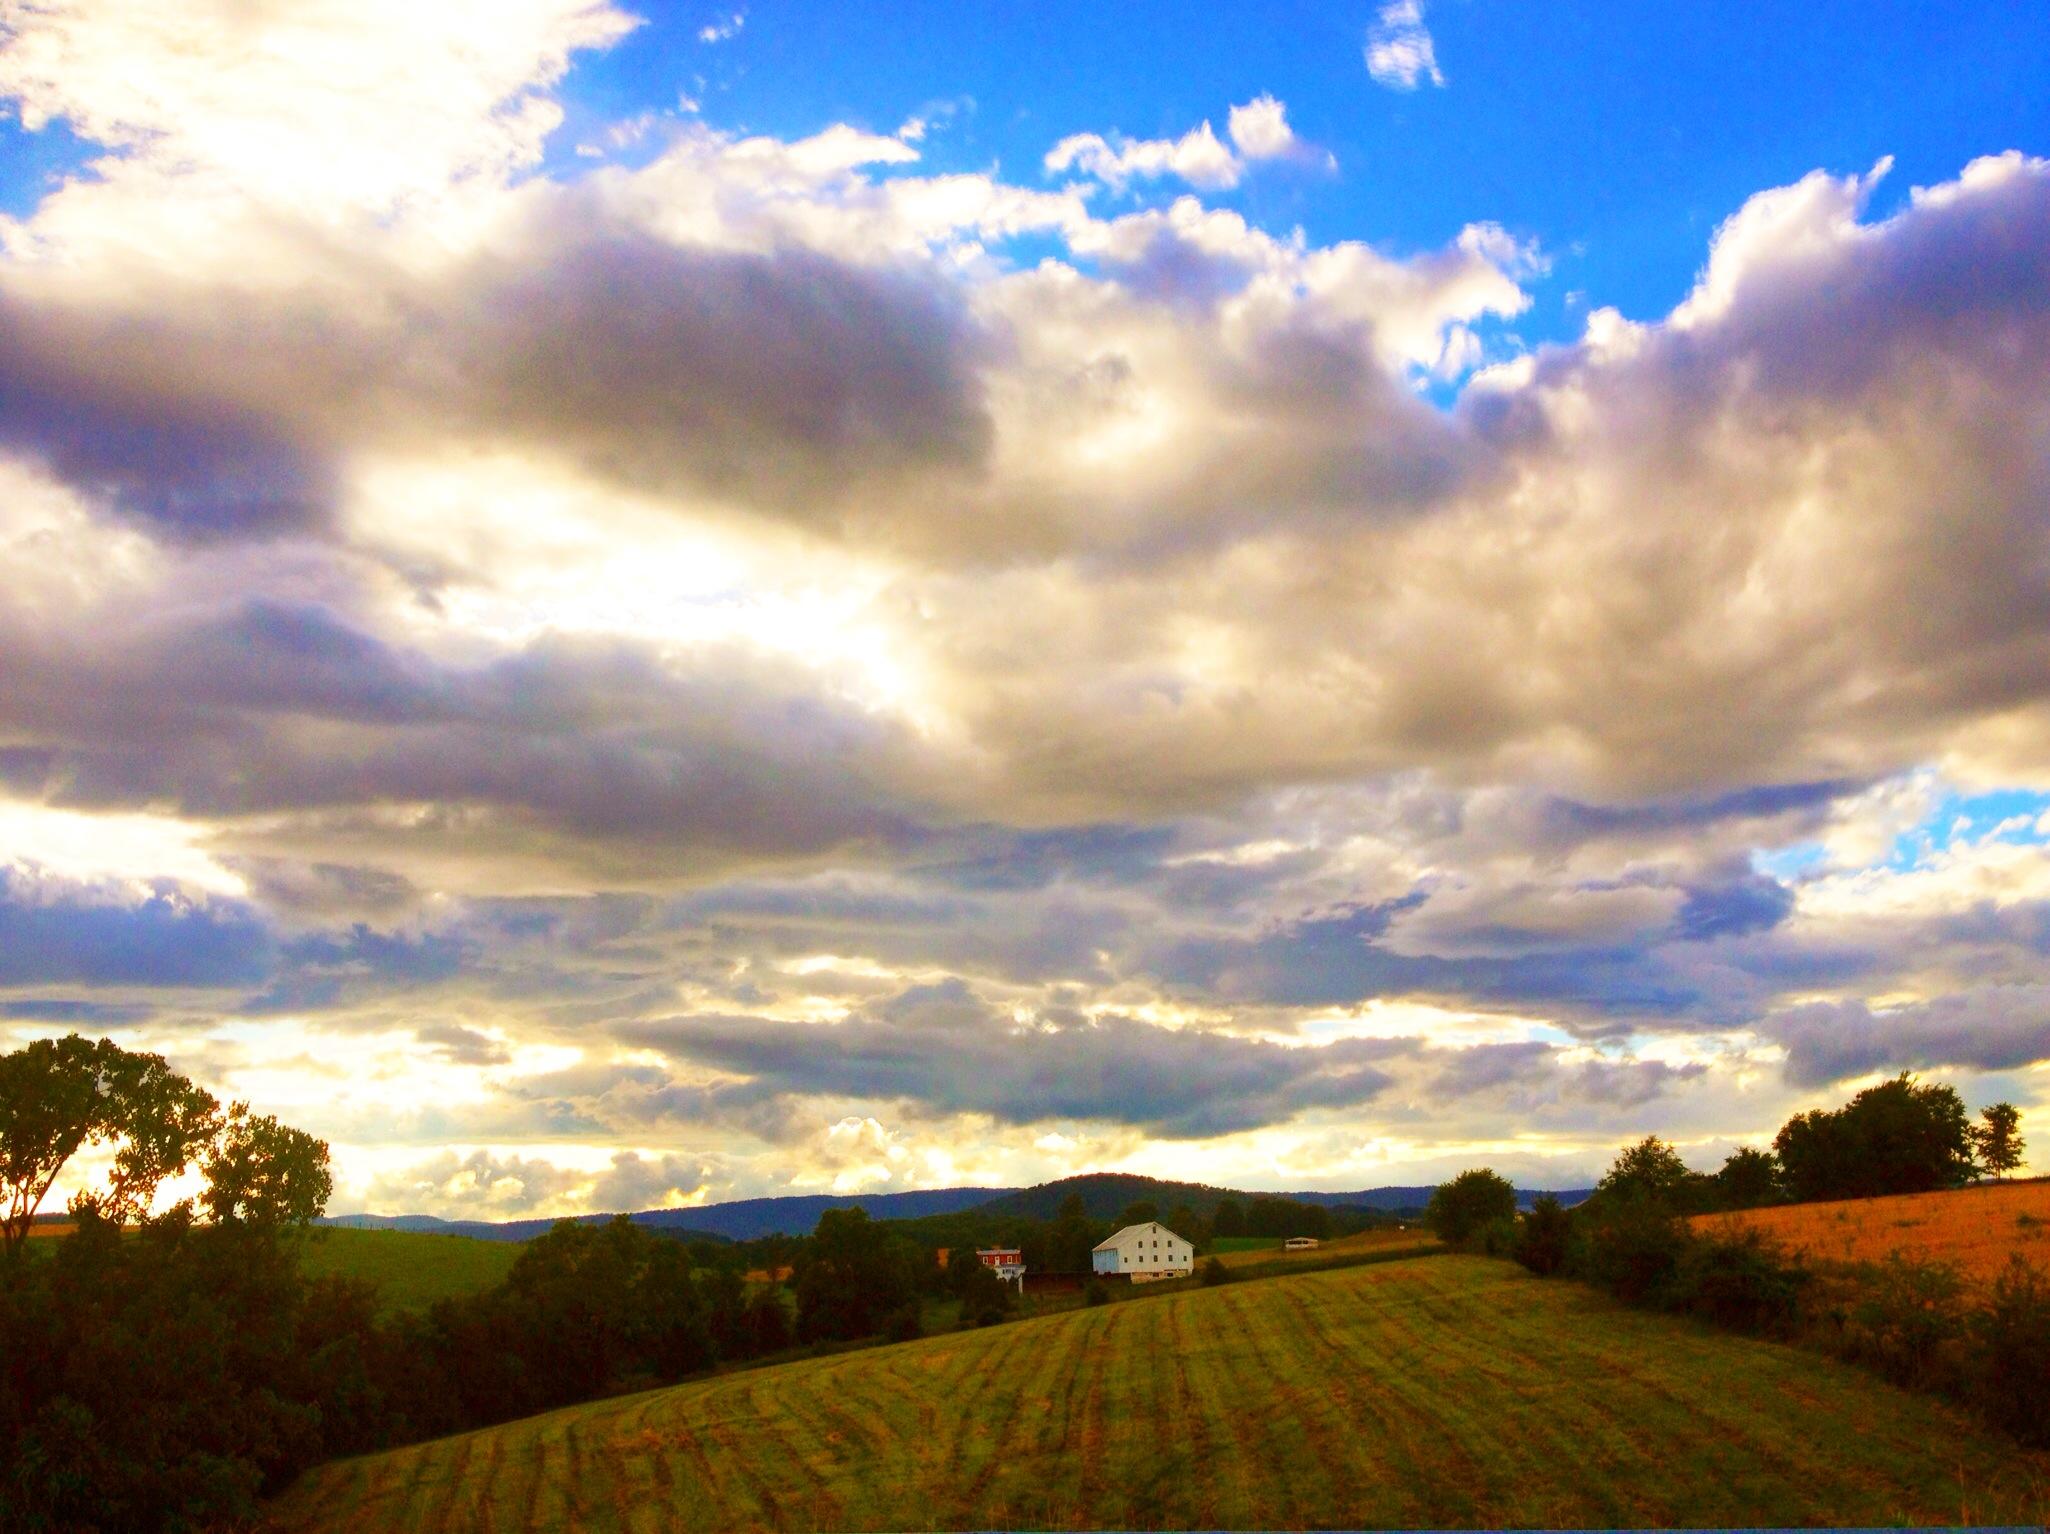 Shenandoah Valley Virginia, June 2014